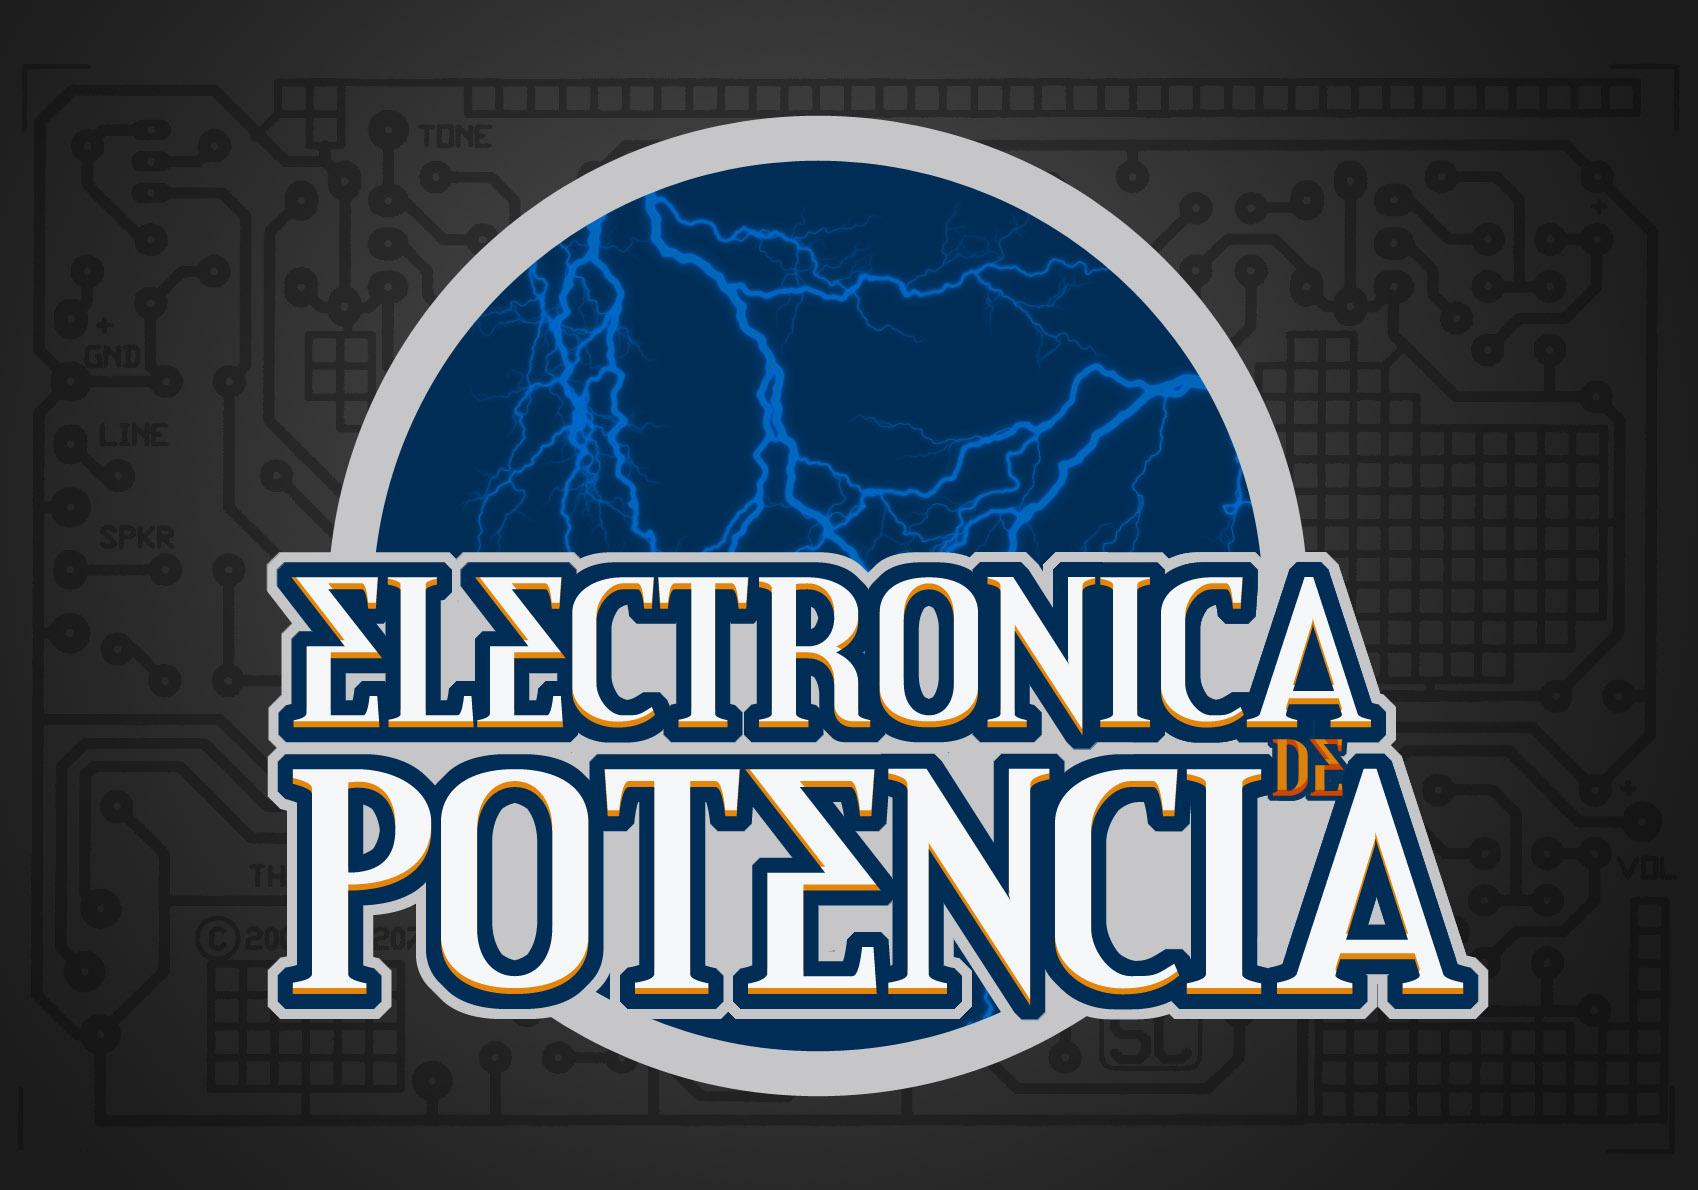 potencia_logo